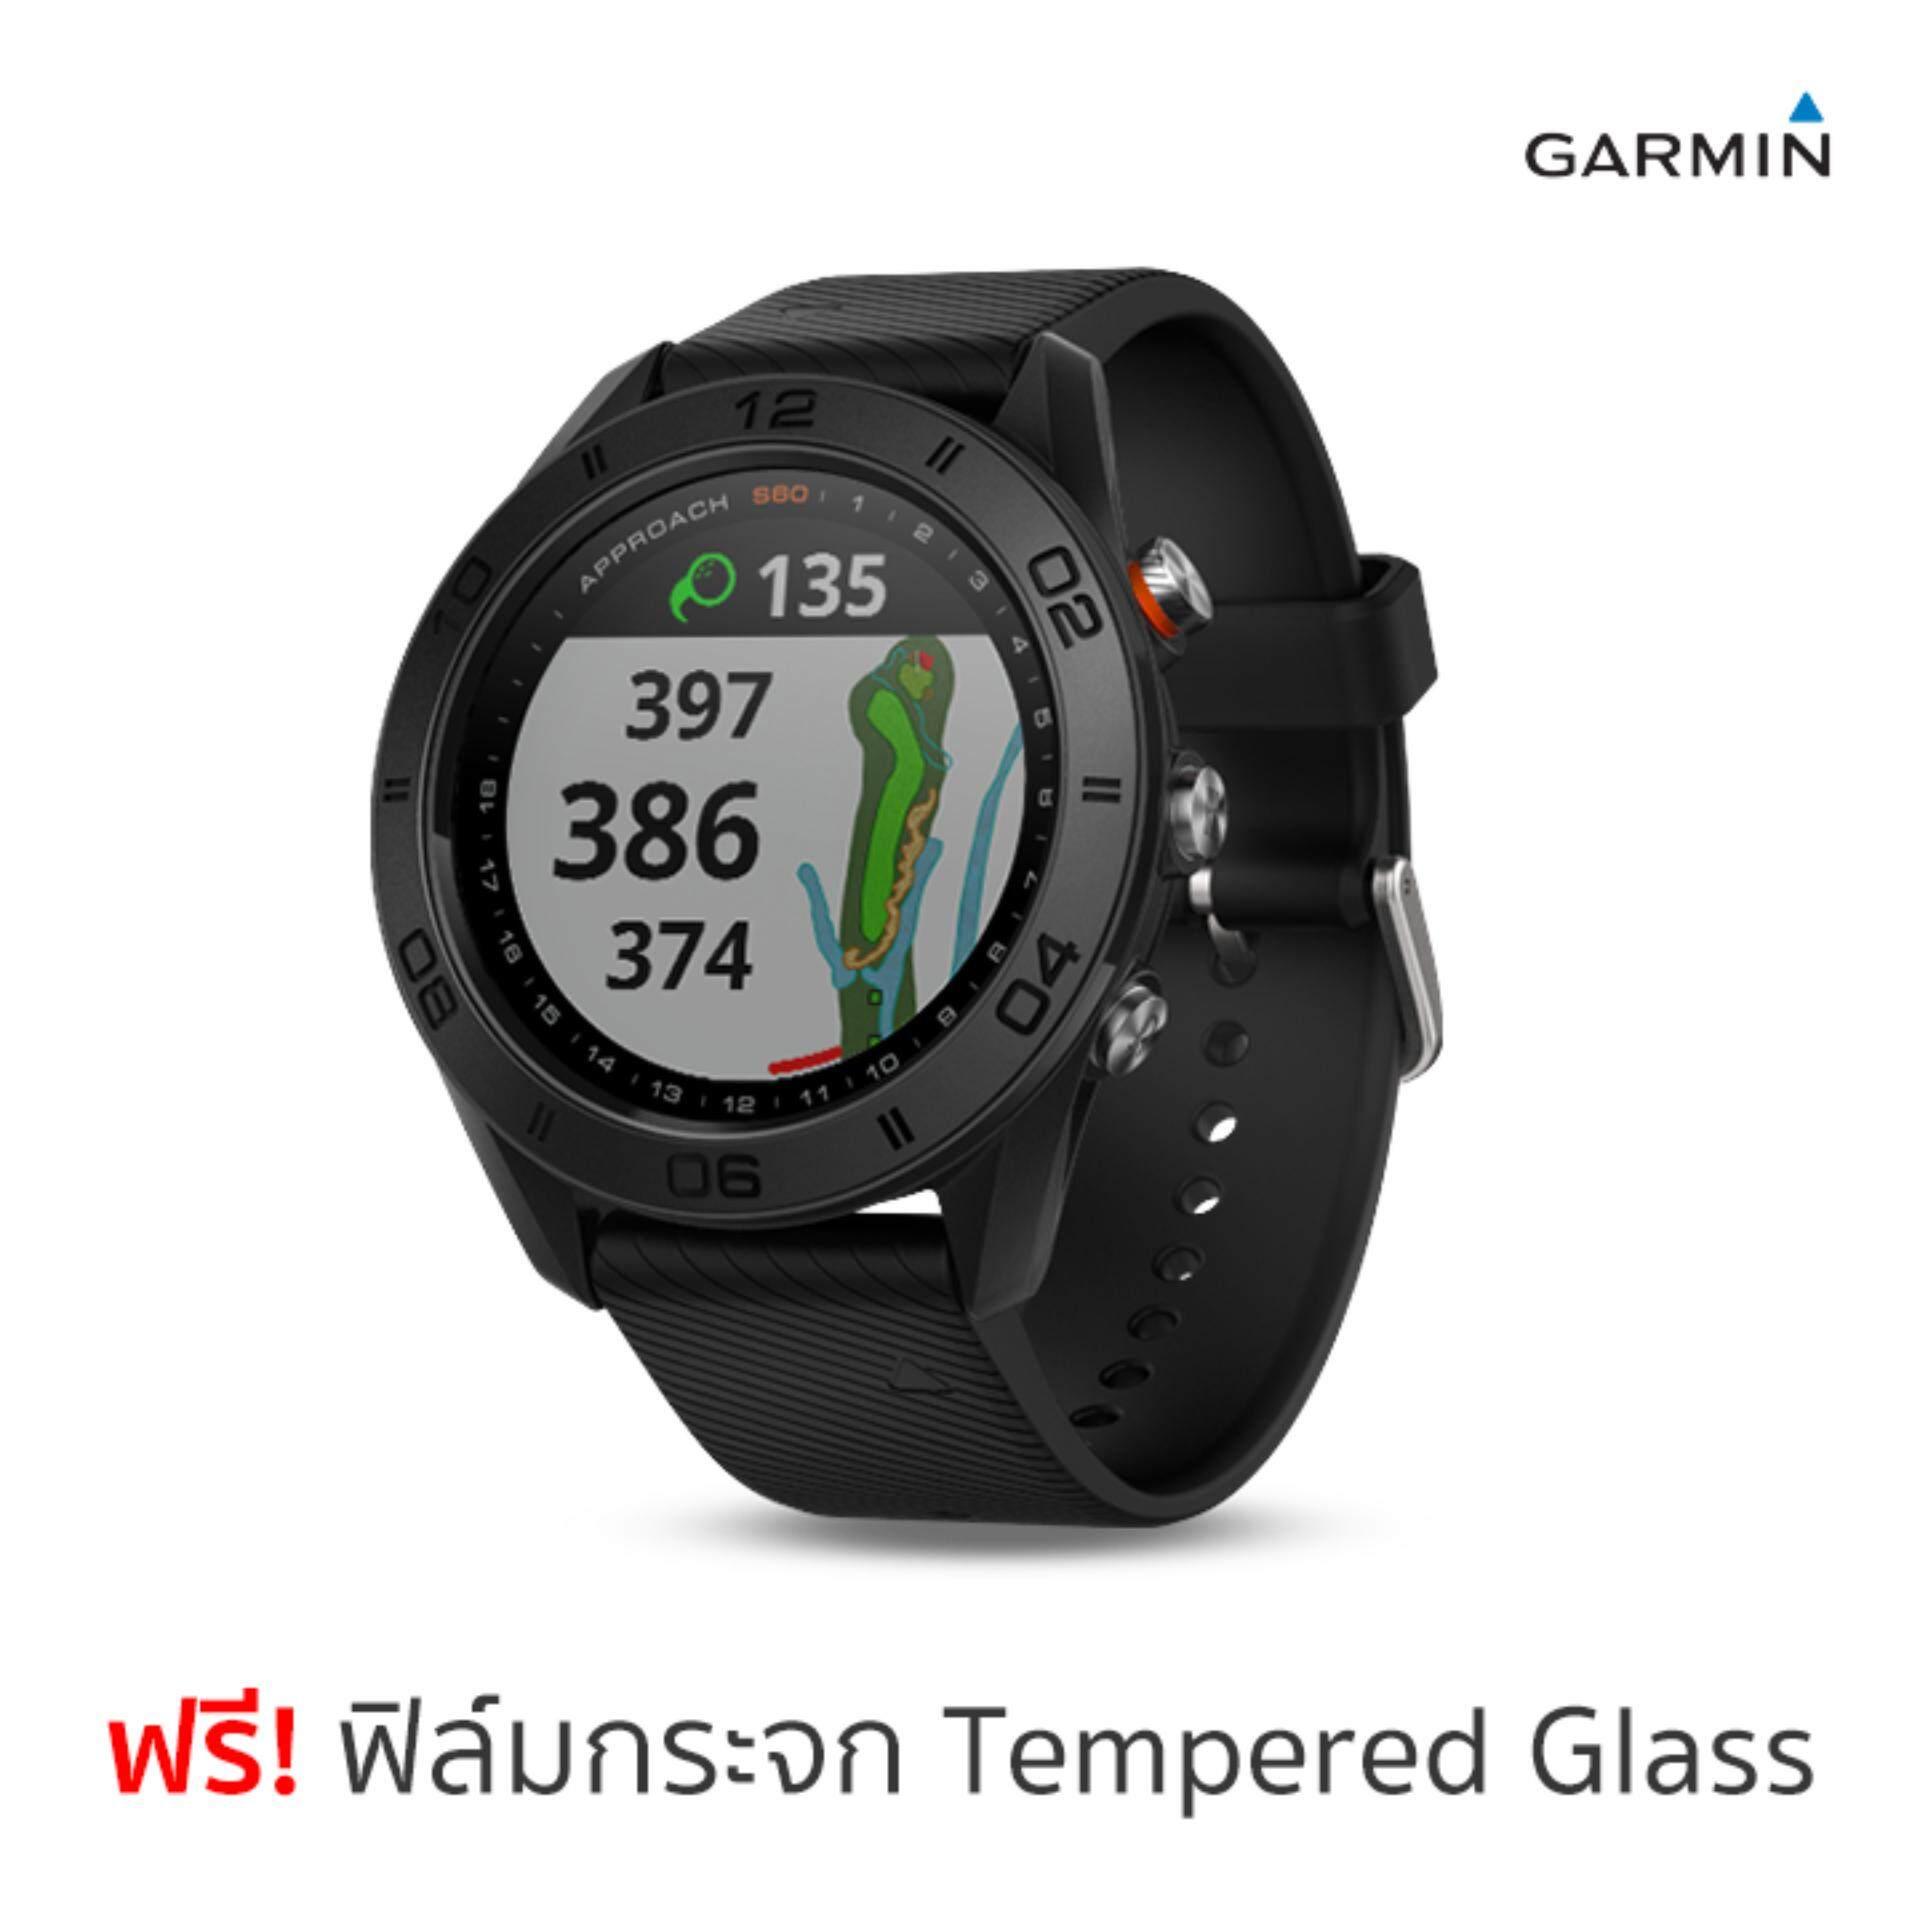 การใช้งาน  กำแพงเพชร Garmin Approach S60 นาฬิกานักกอล์ฟ GPS (ดำ) ฟรีฟิล์มกระจกกันรอย ประกันศูนย์ไทย 1 ปี